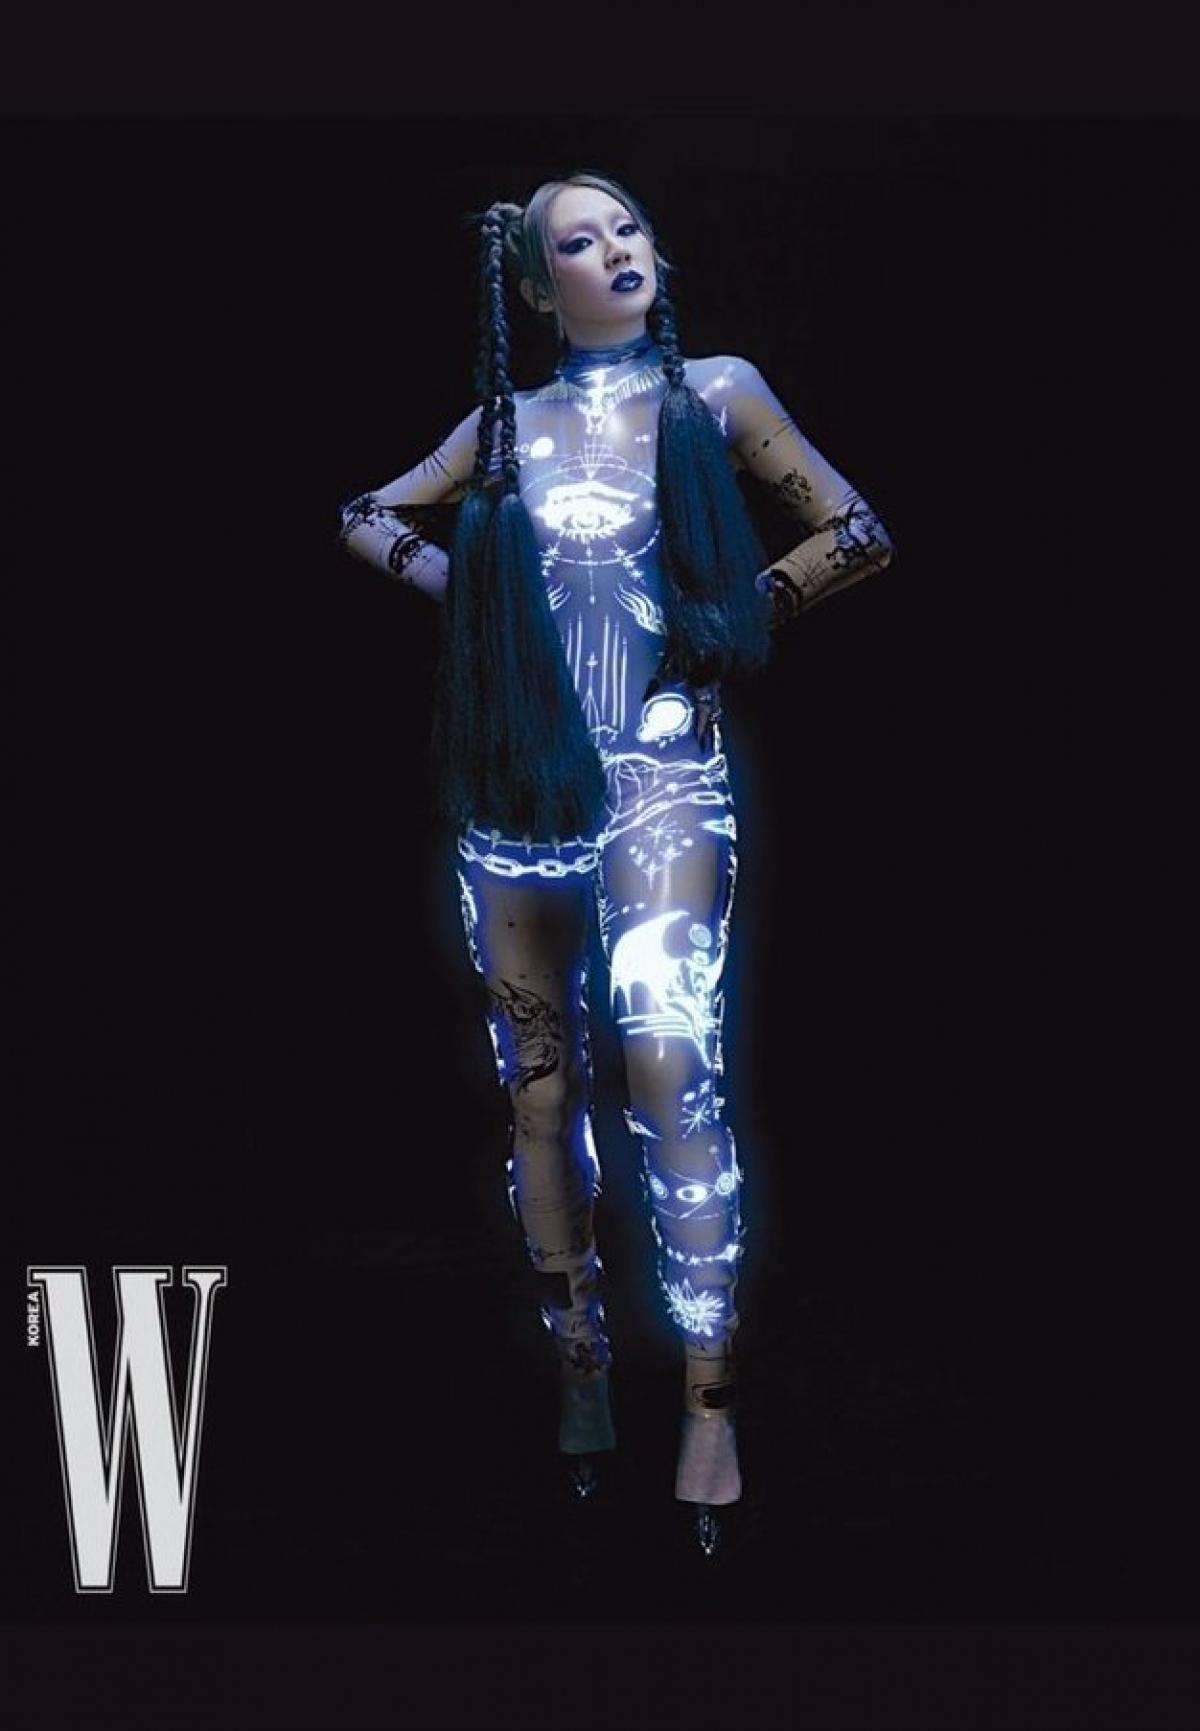 Người hâm mộ nhận xét CL trông vẫn thu hút bất kể cân nặng và khen ngợi thần thái của cô.